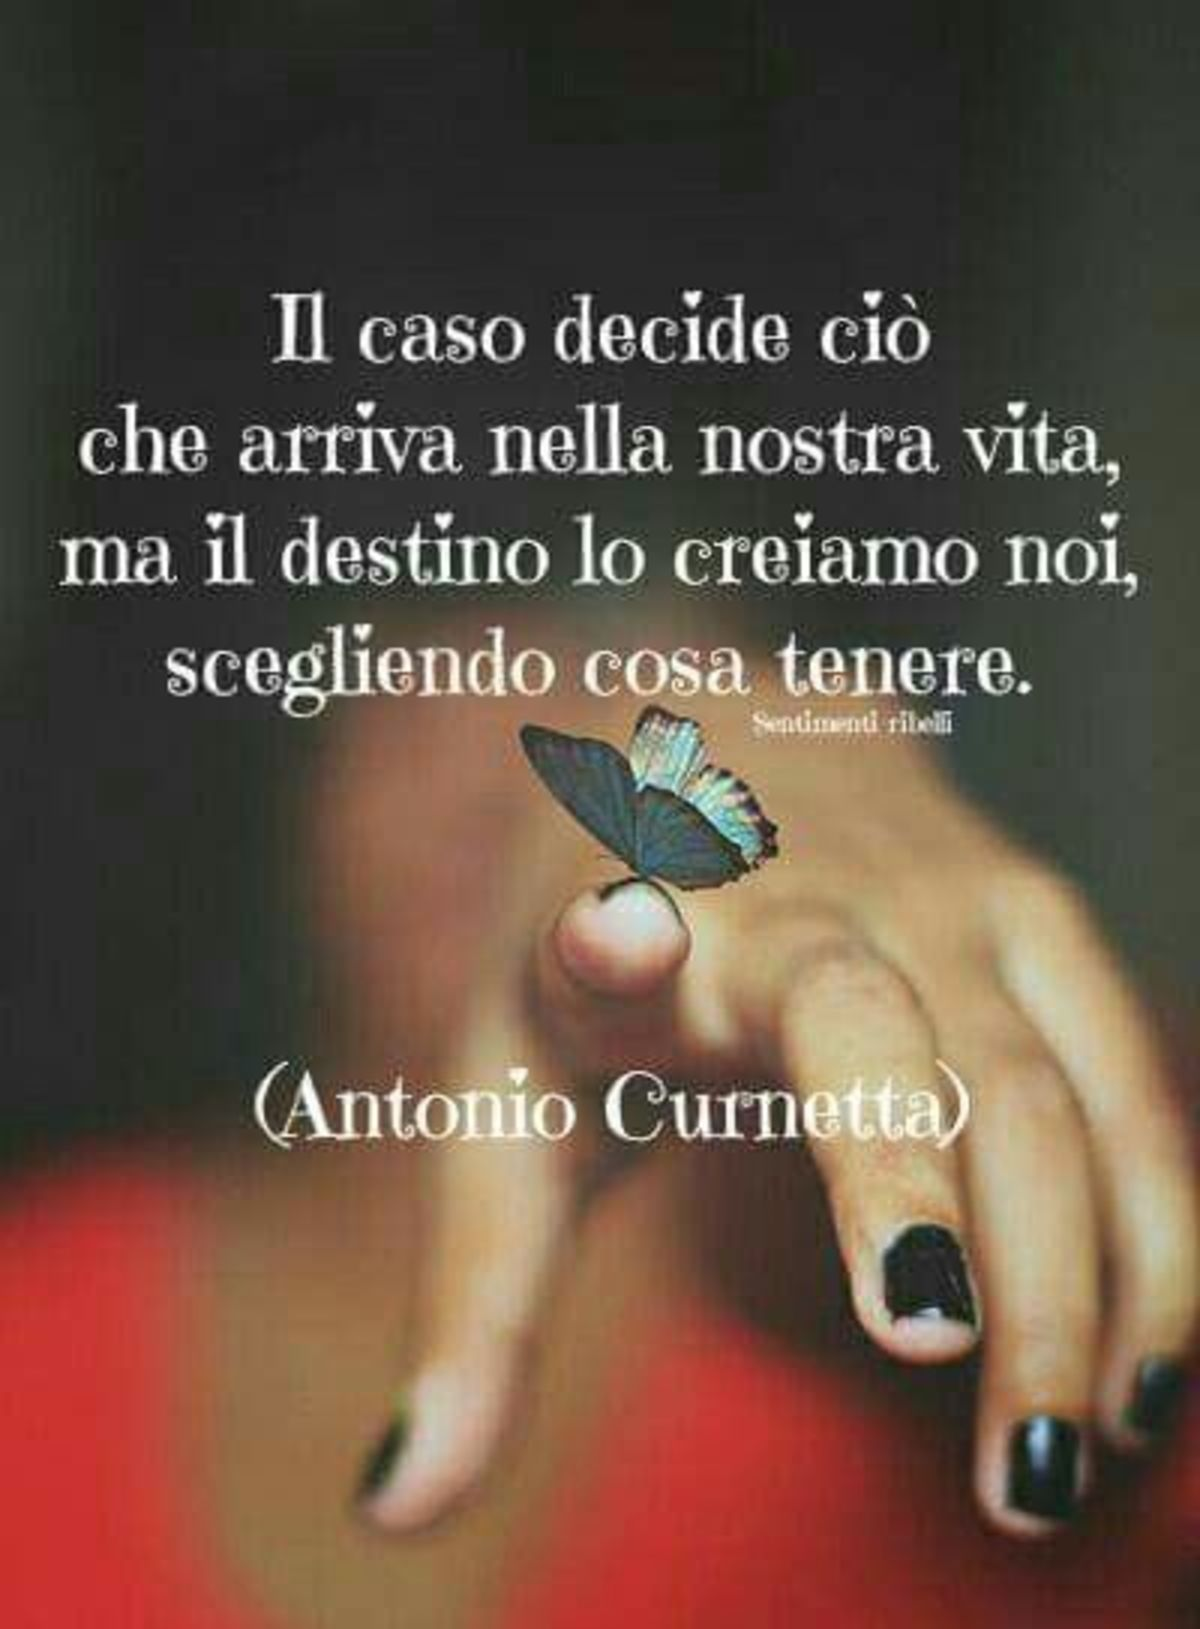 Il caso decide ciò che arriva nella nostra vita, ma il destino lo creiamo noi, scegliendo cosa tenere. Antonio Curnetta